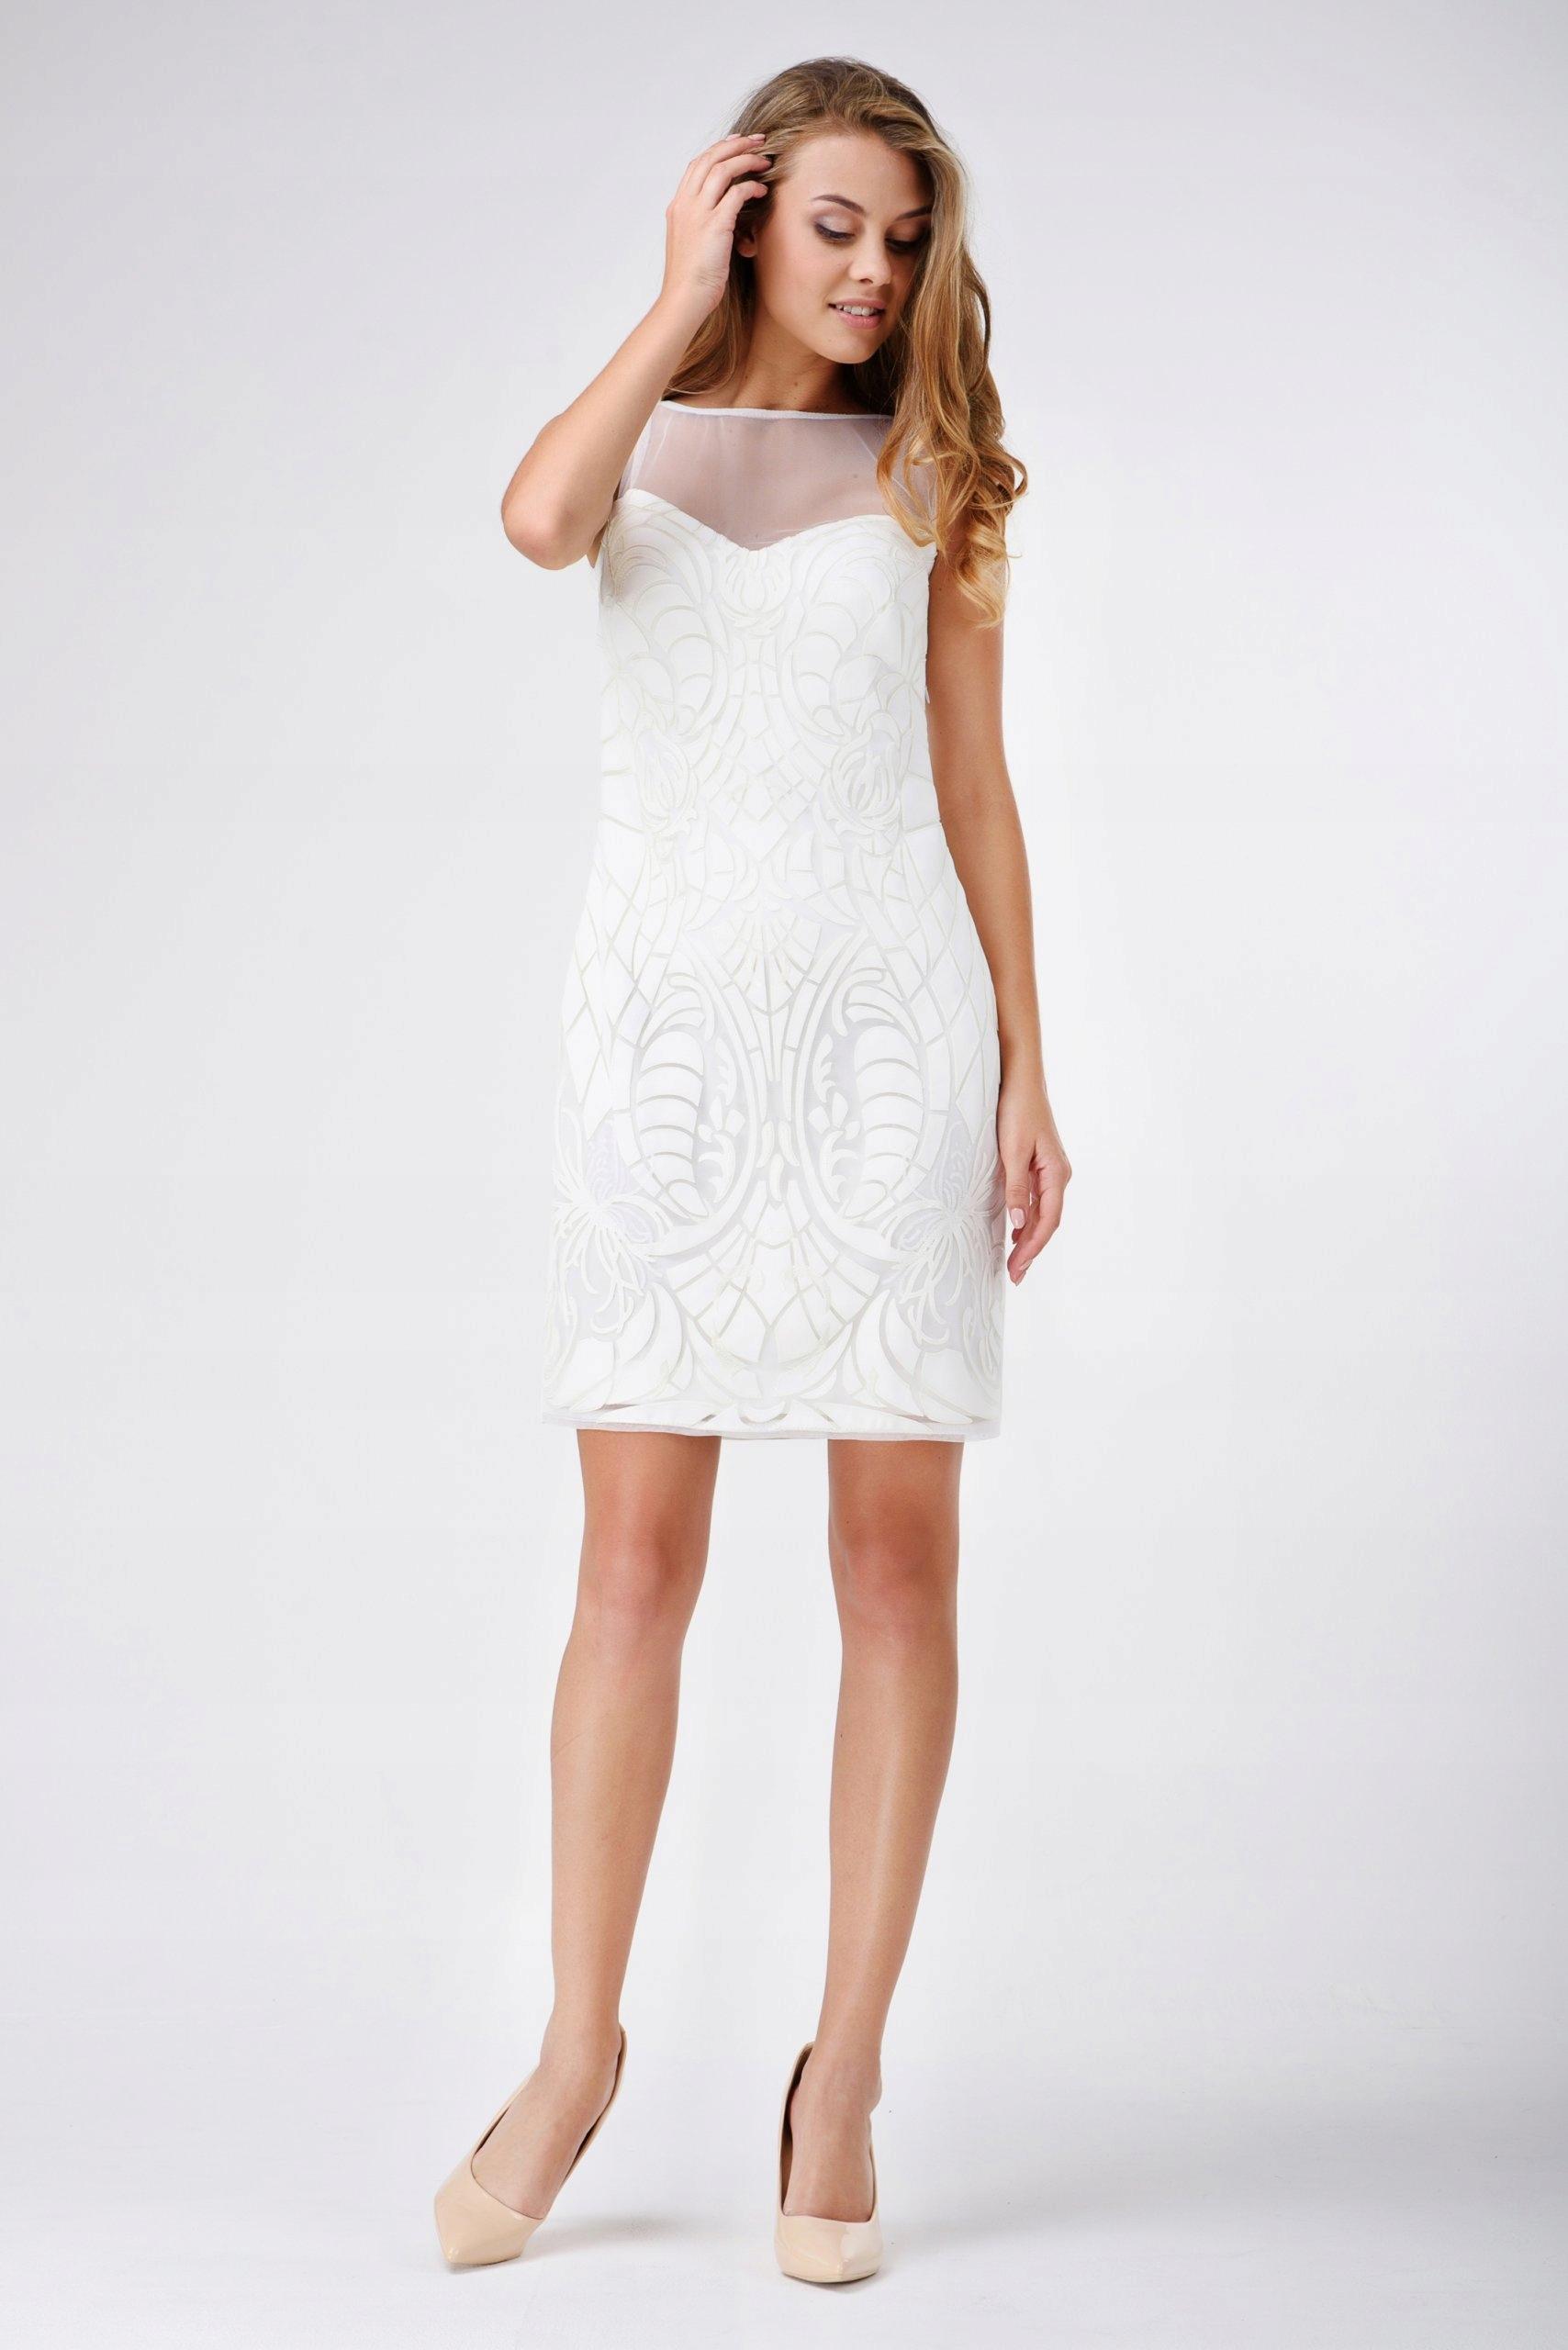 deba736075 Sukienki na wesele  letnie